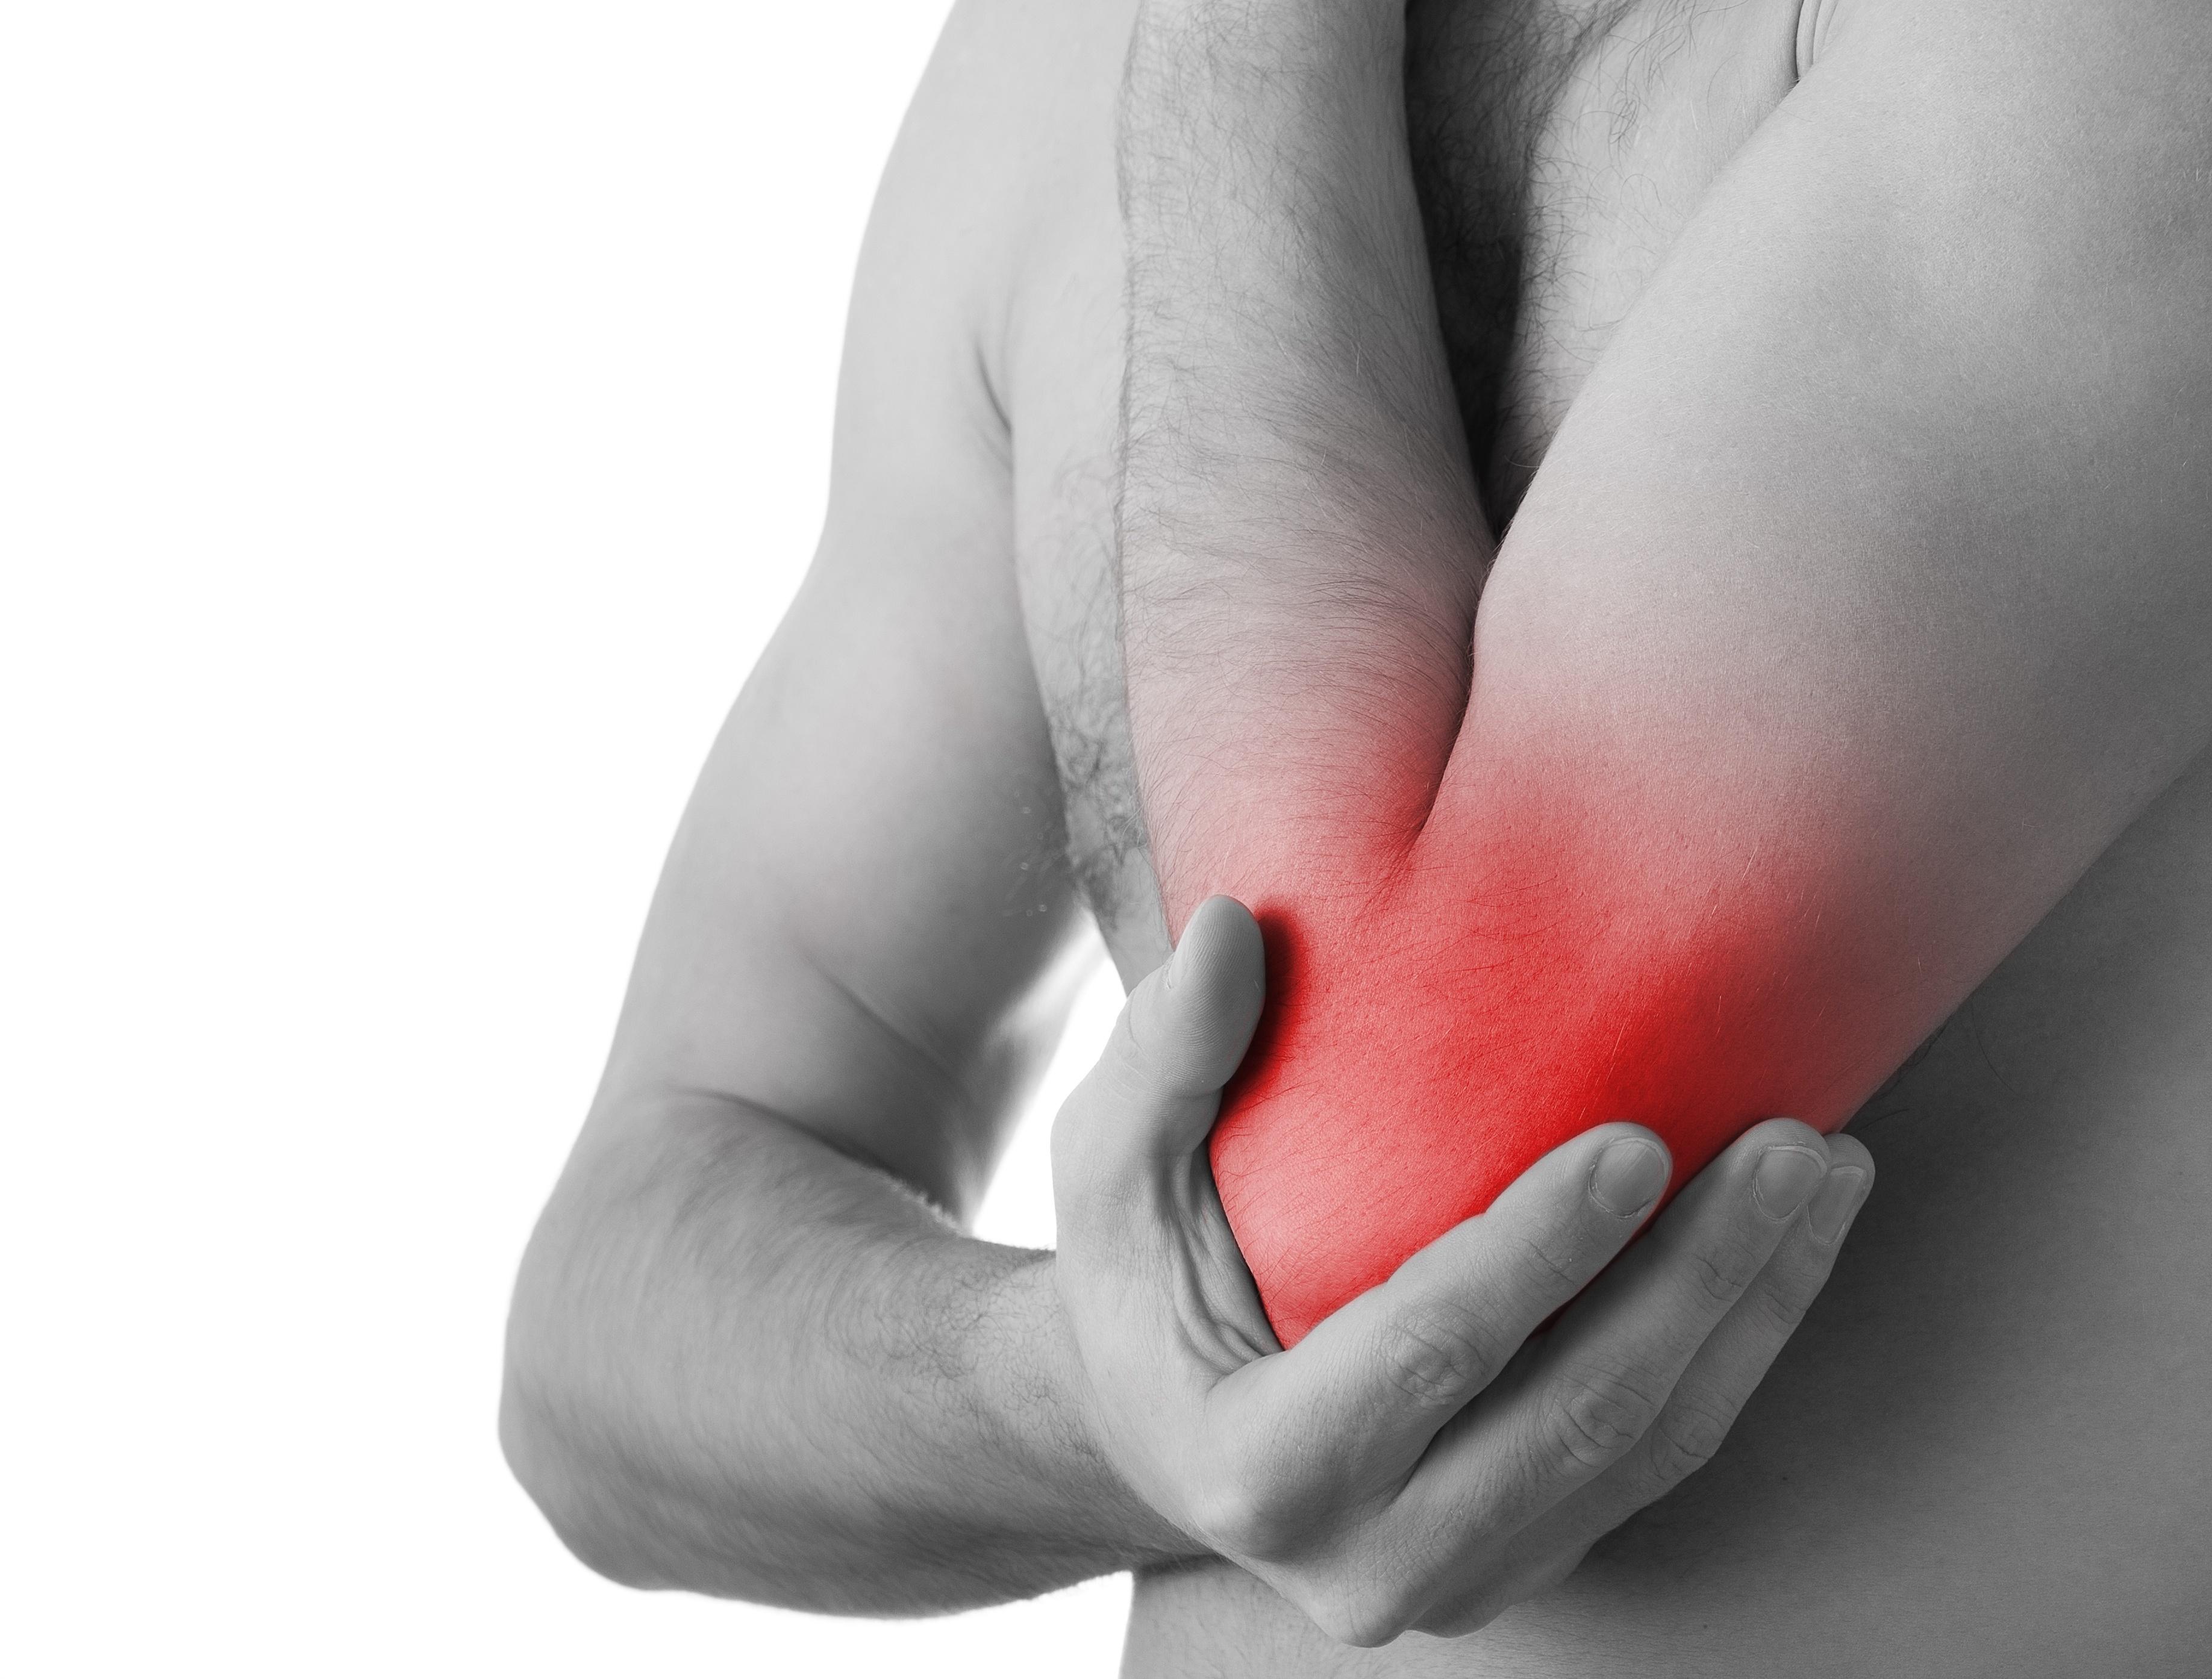 Hangyasav ízületi fájdalmak kezelésére. Köszvény – Wikipédia